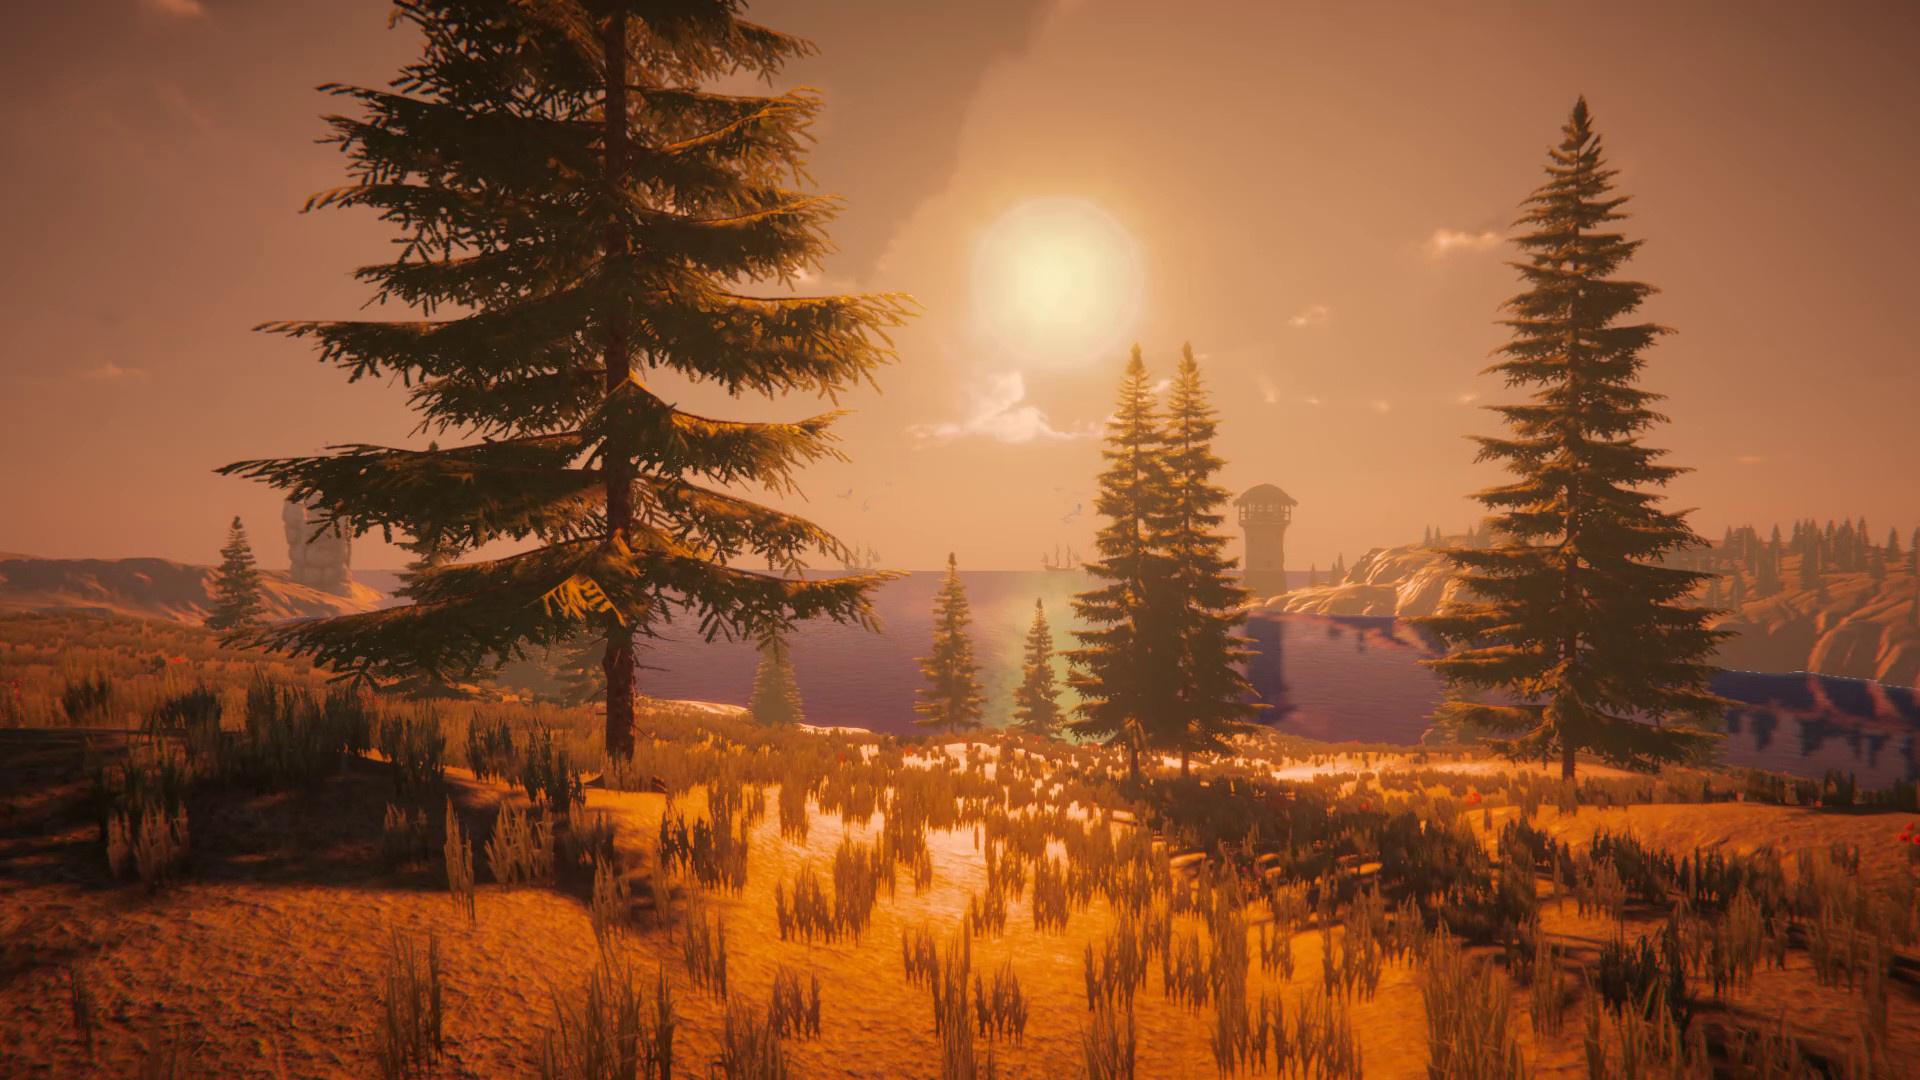 Киберпанковое приключение Wild Dose вышло на Kickstarter